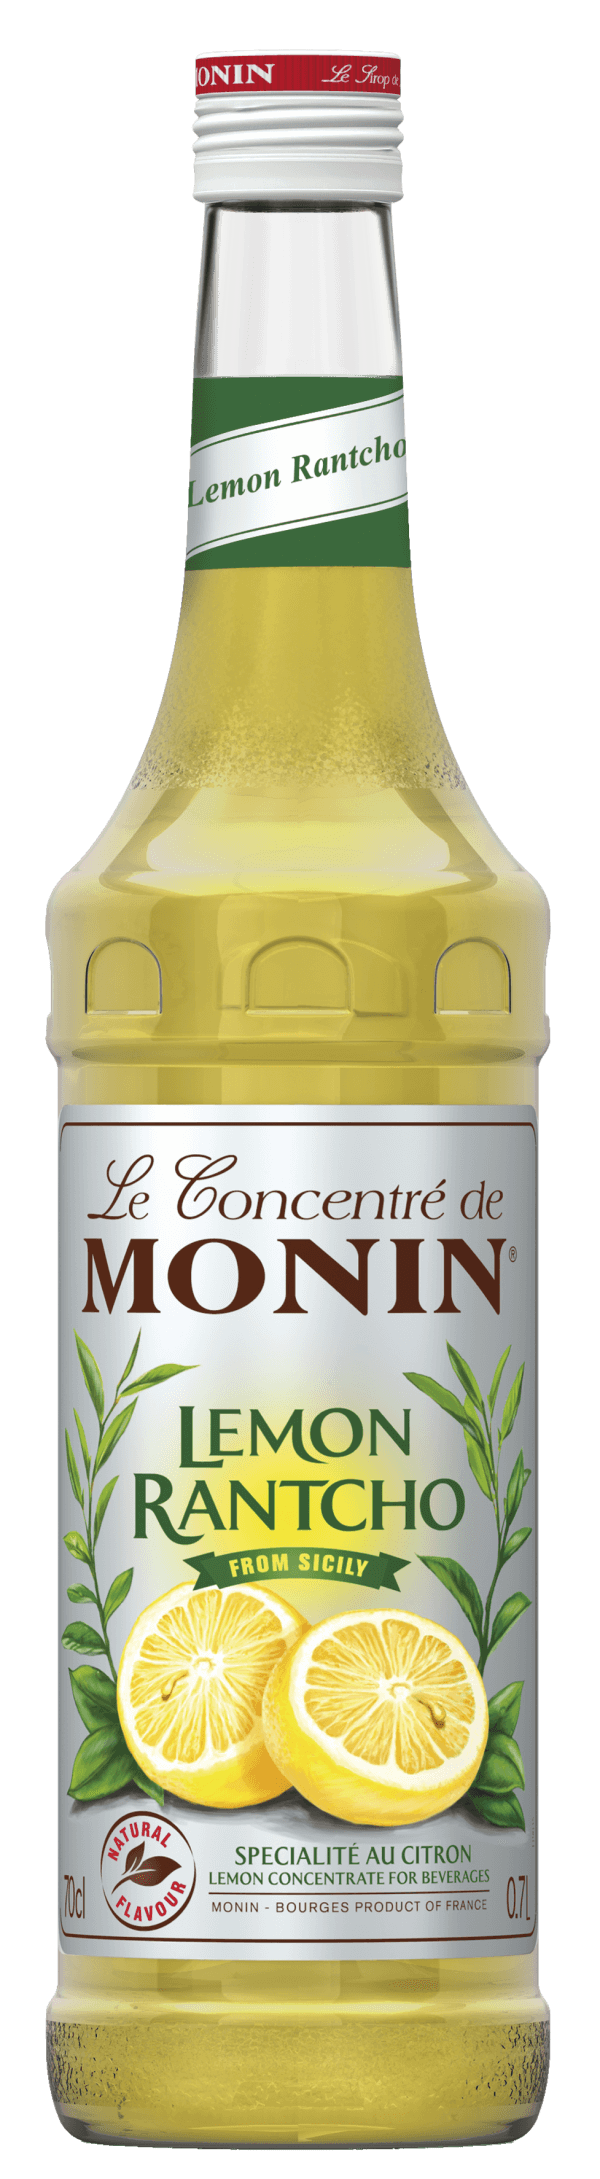 Monin_lemon_rancho